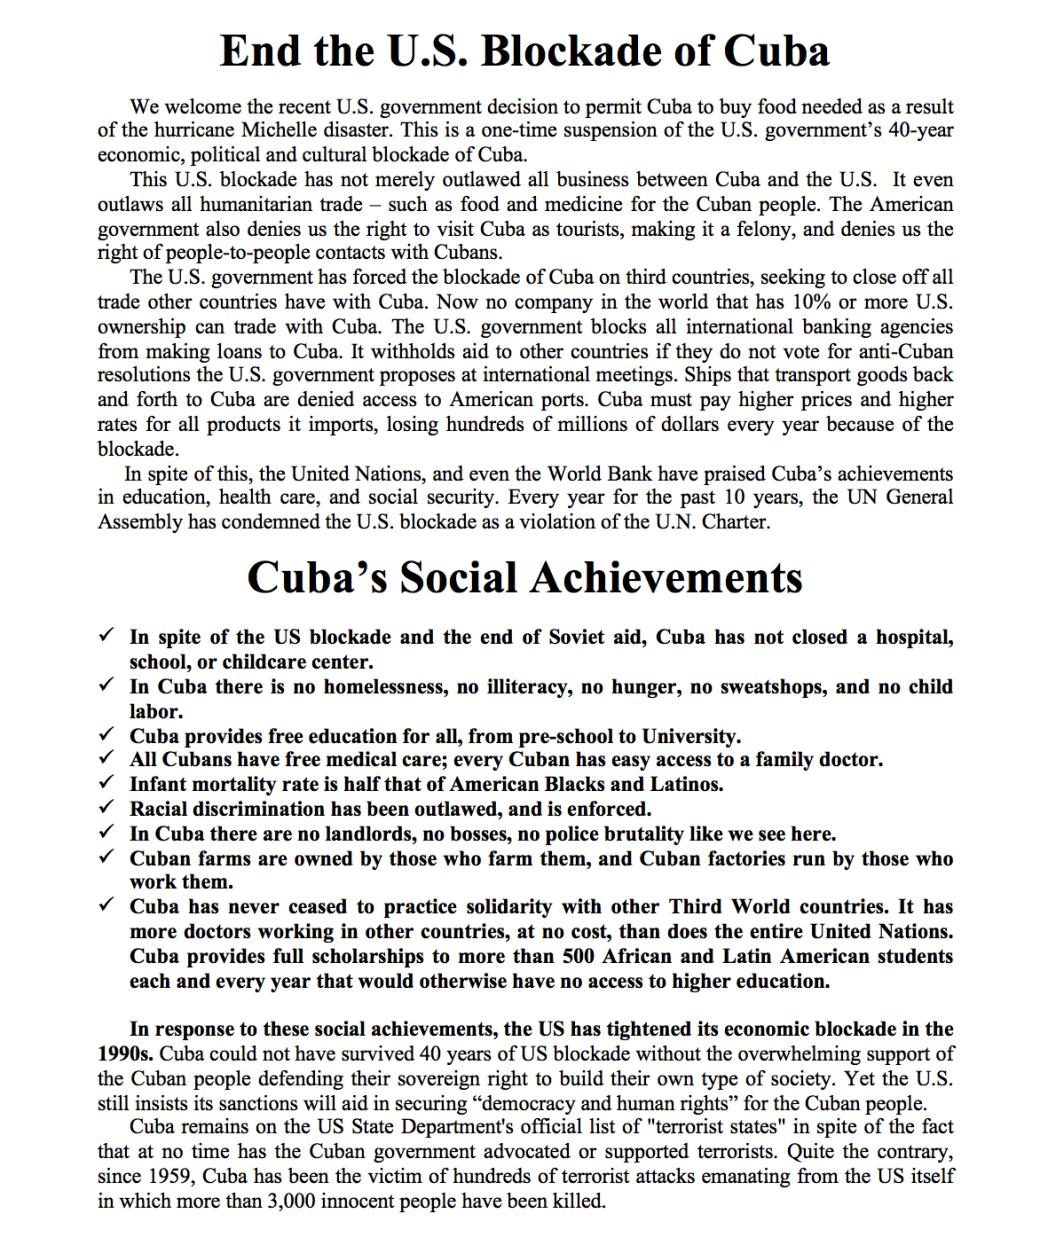 alba-december-5-2001-leaflet-part-1